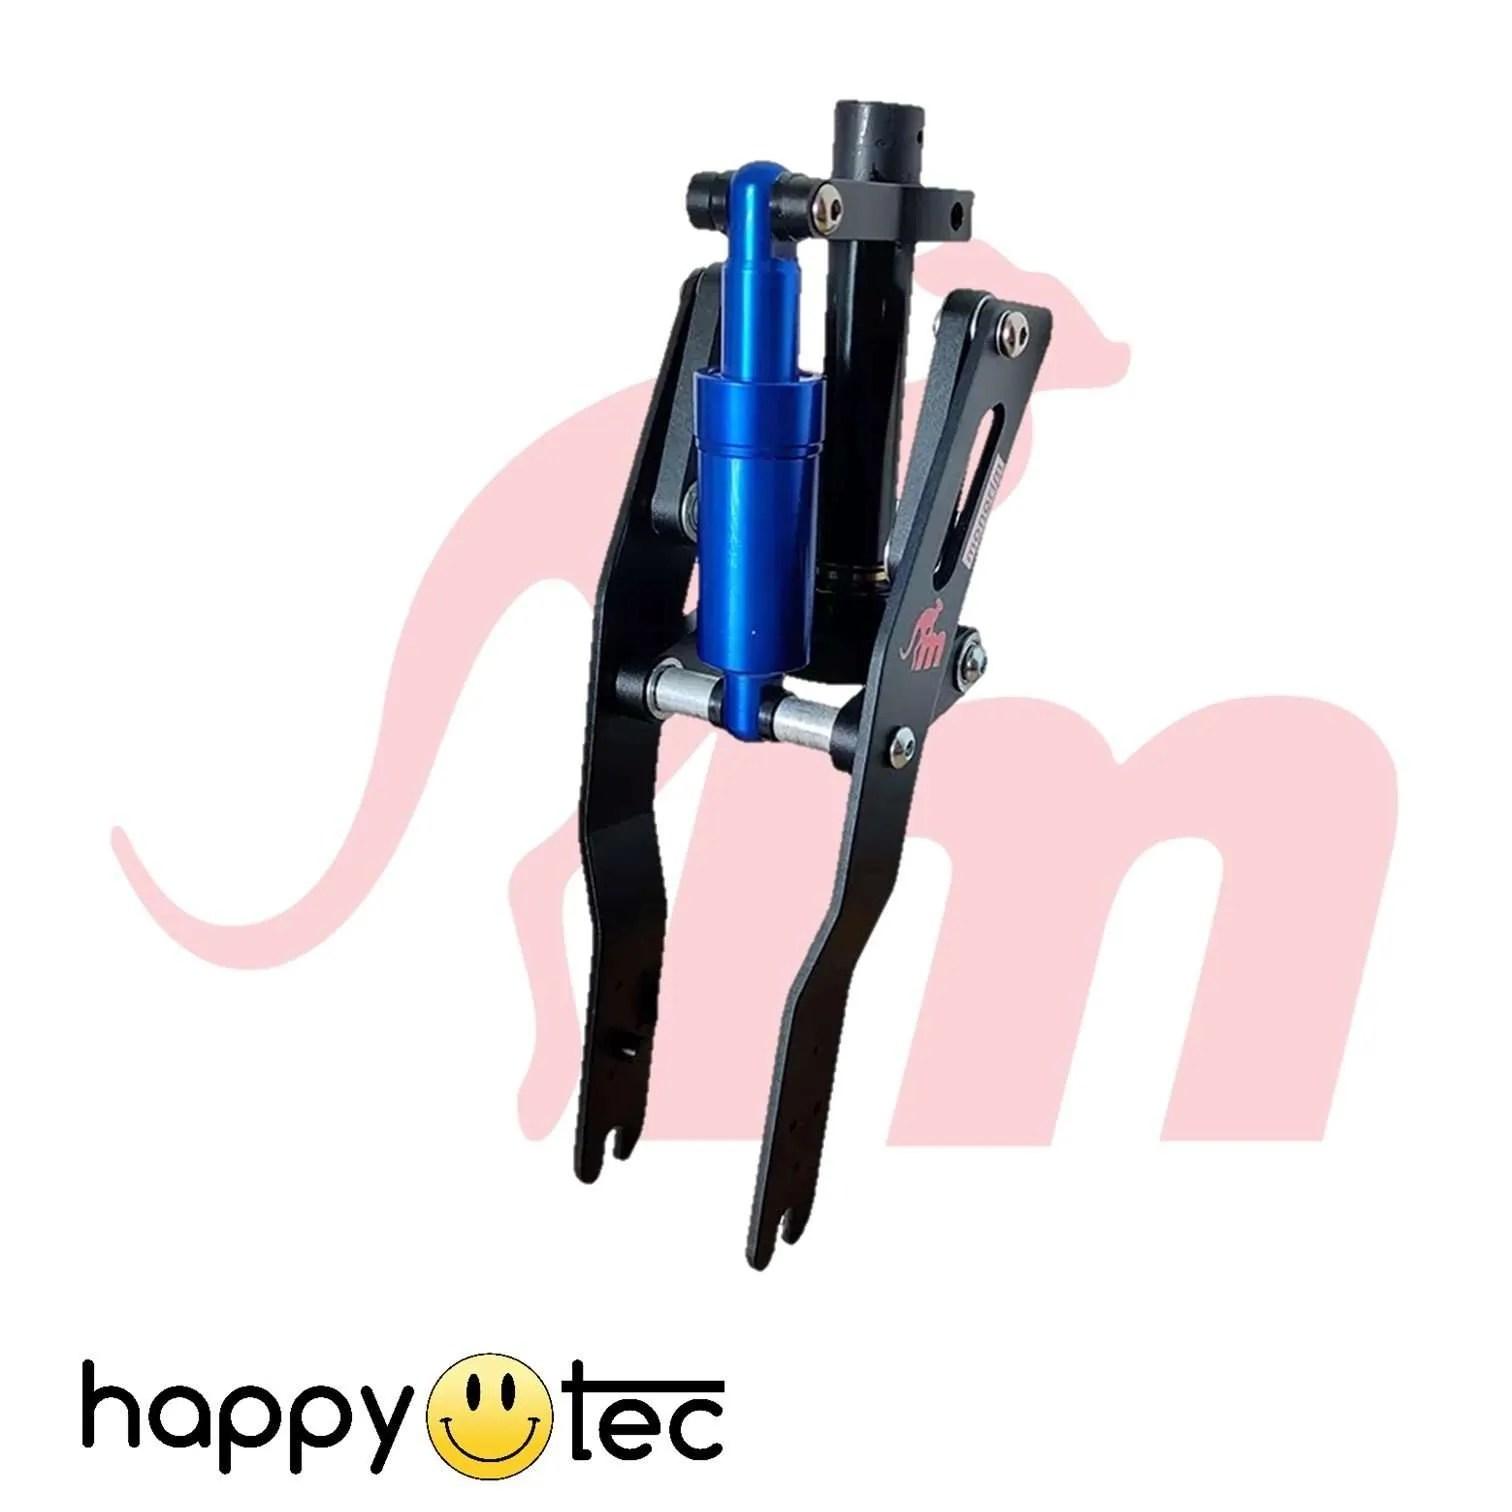 Ninebot-G30-Max-Ammortizzatore-anteriore-V2-by-Monorim-Nero-e-blu ricambi accessori riparazione assistenza tecnica monopattini elettrici monorim